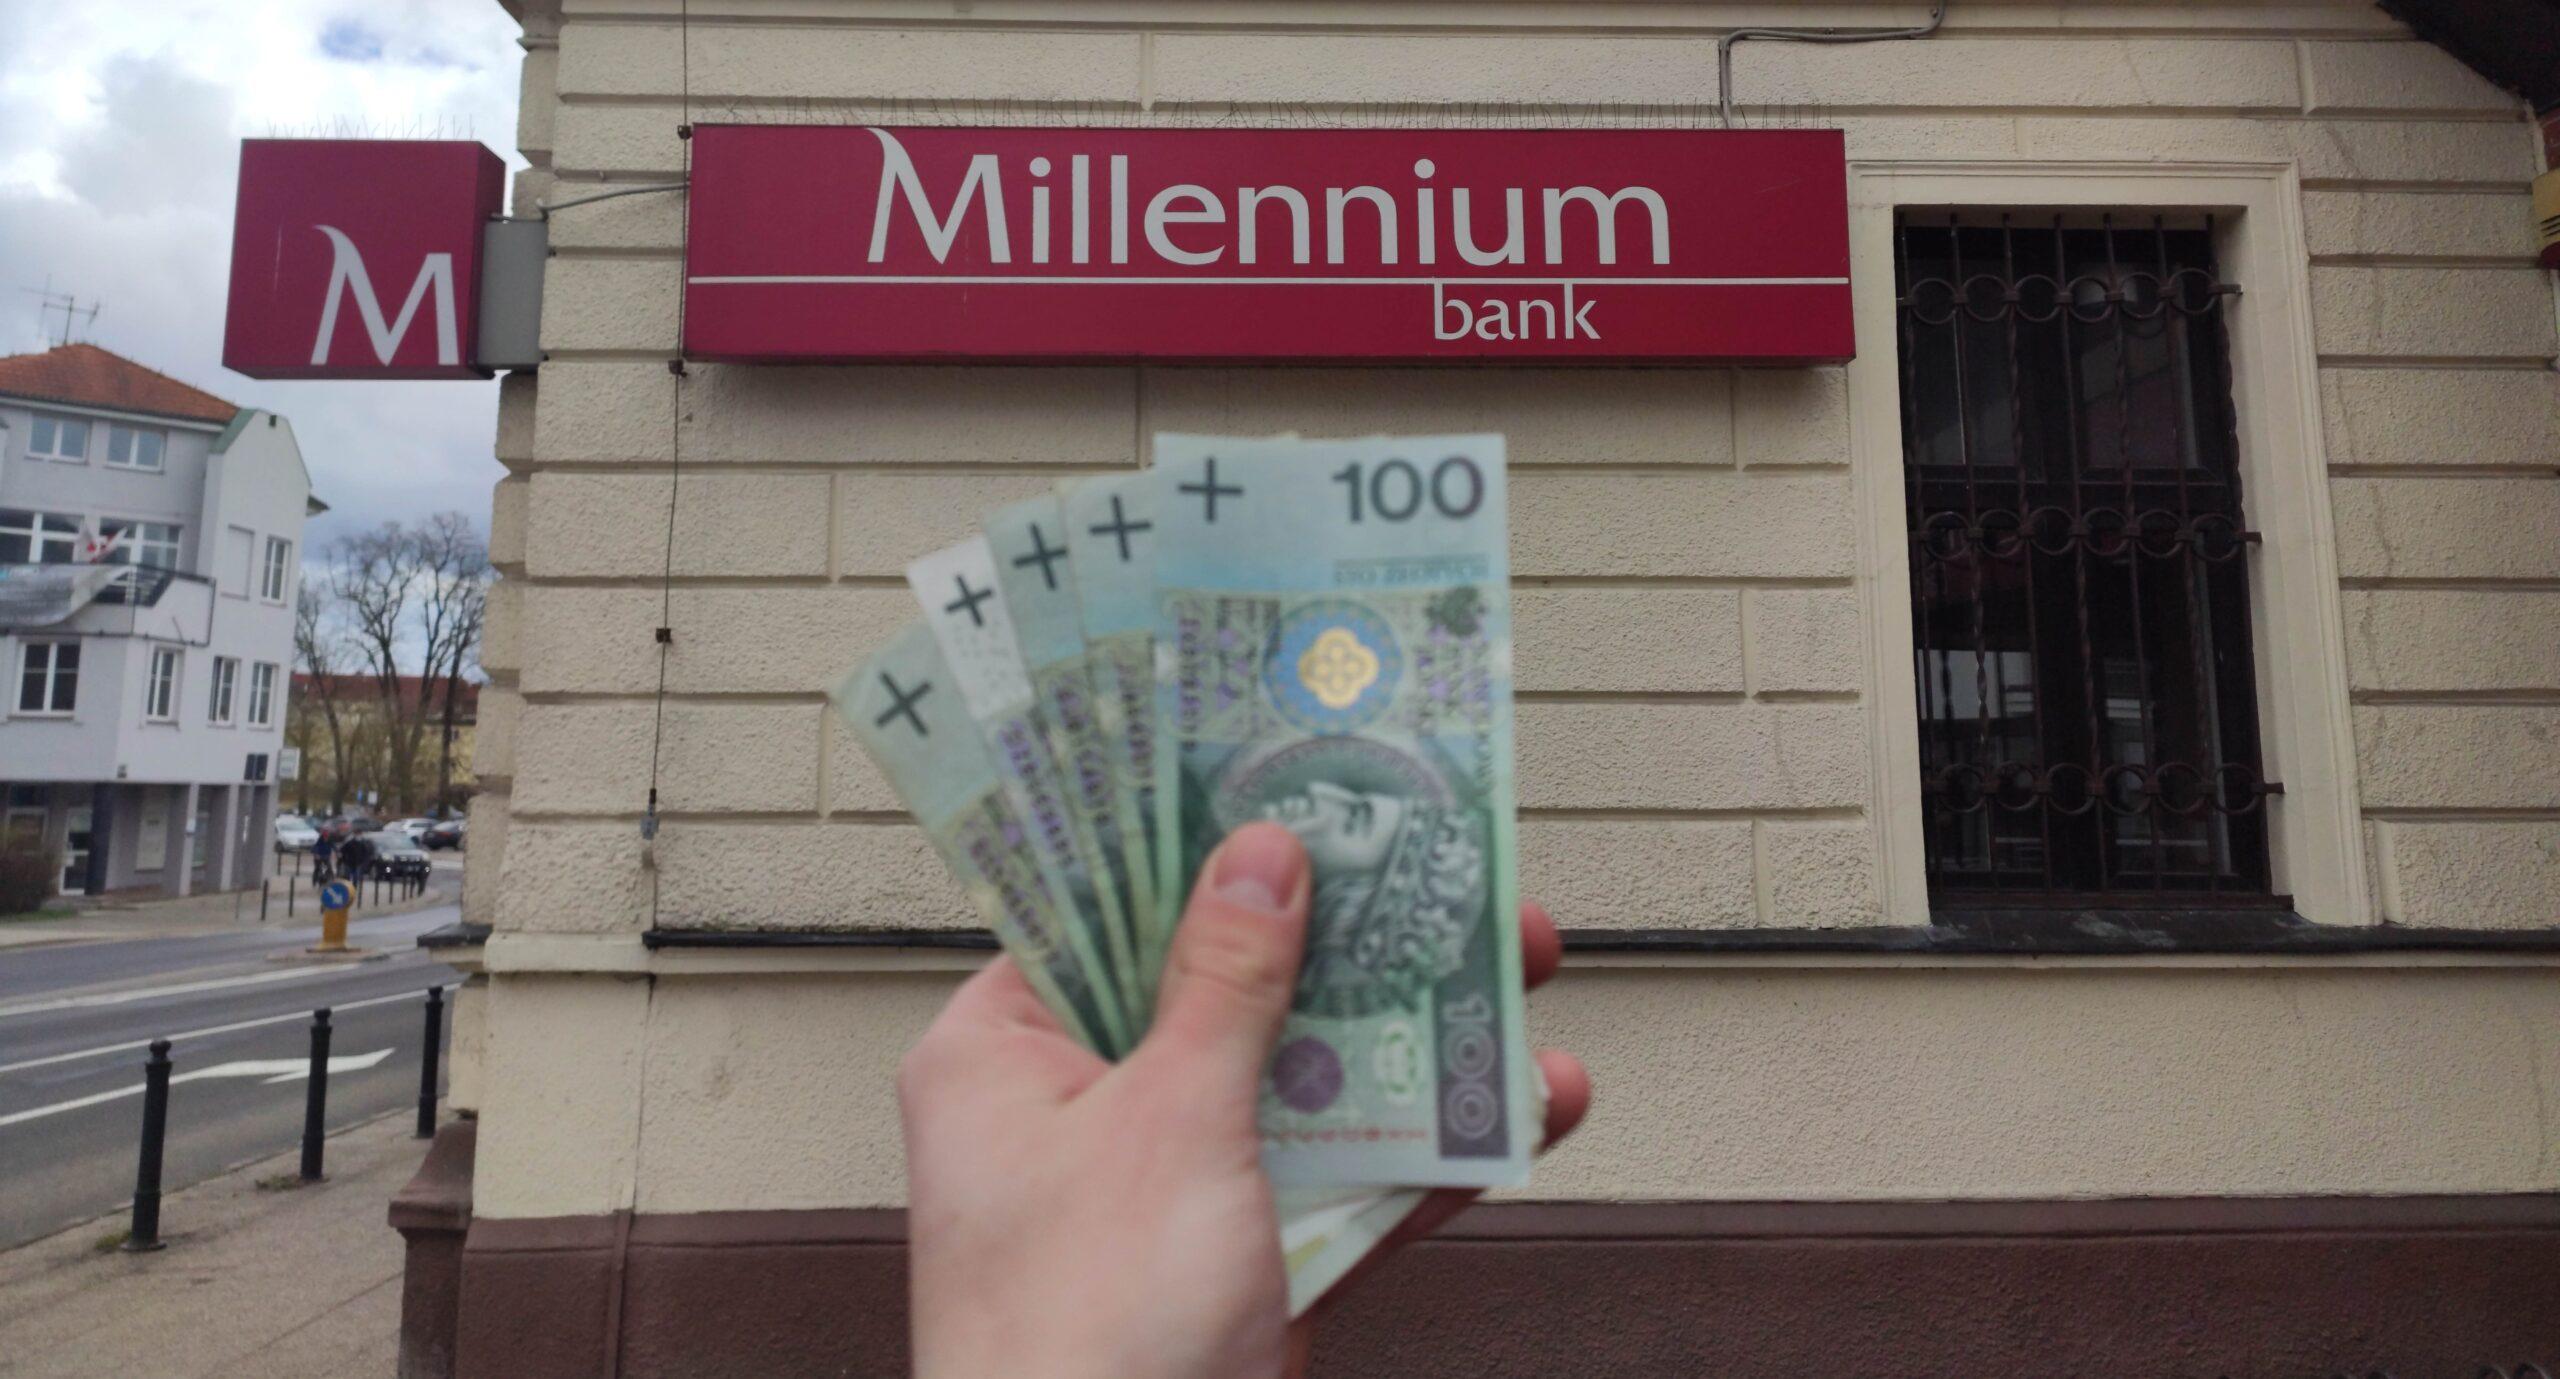 zgarnij promocyjne 500 zł premii z kontem 360 od Millennium Bank